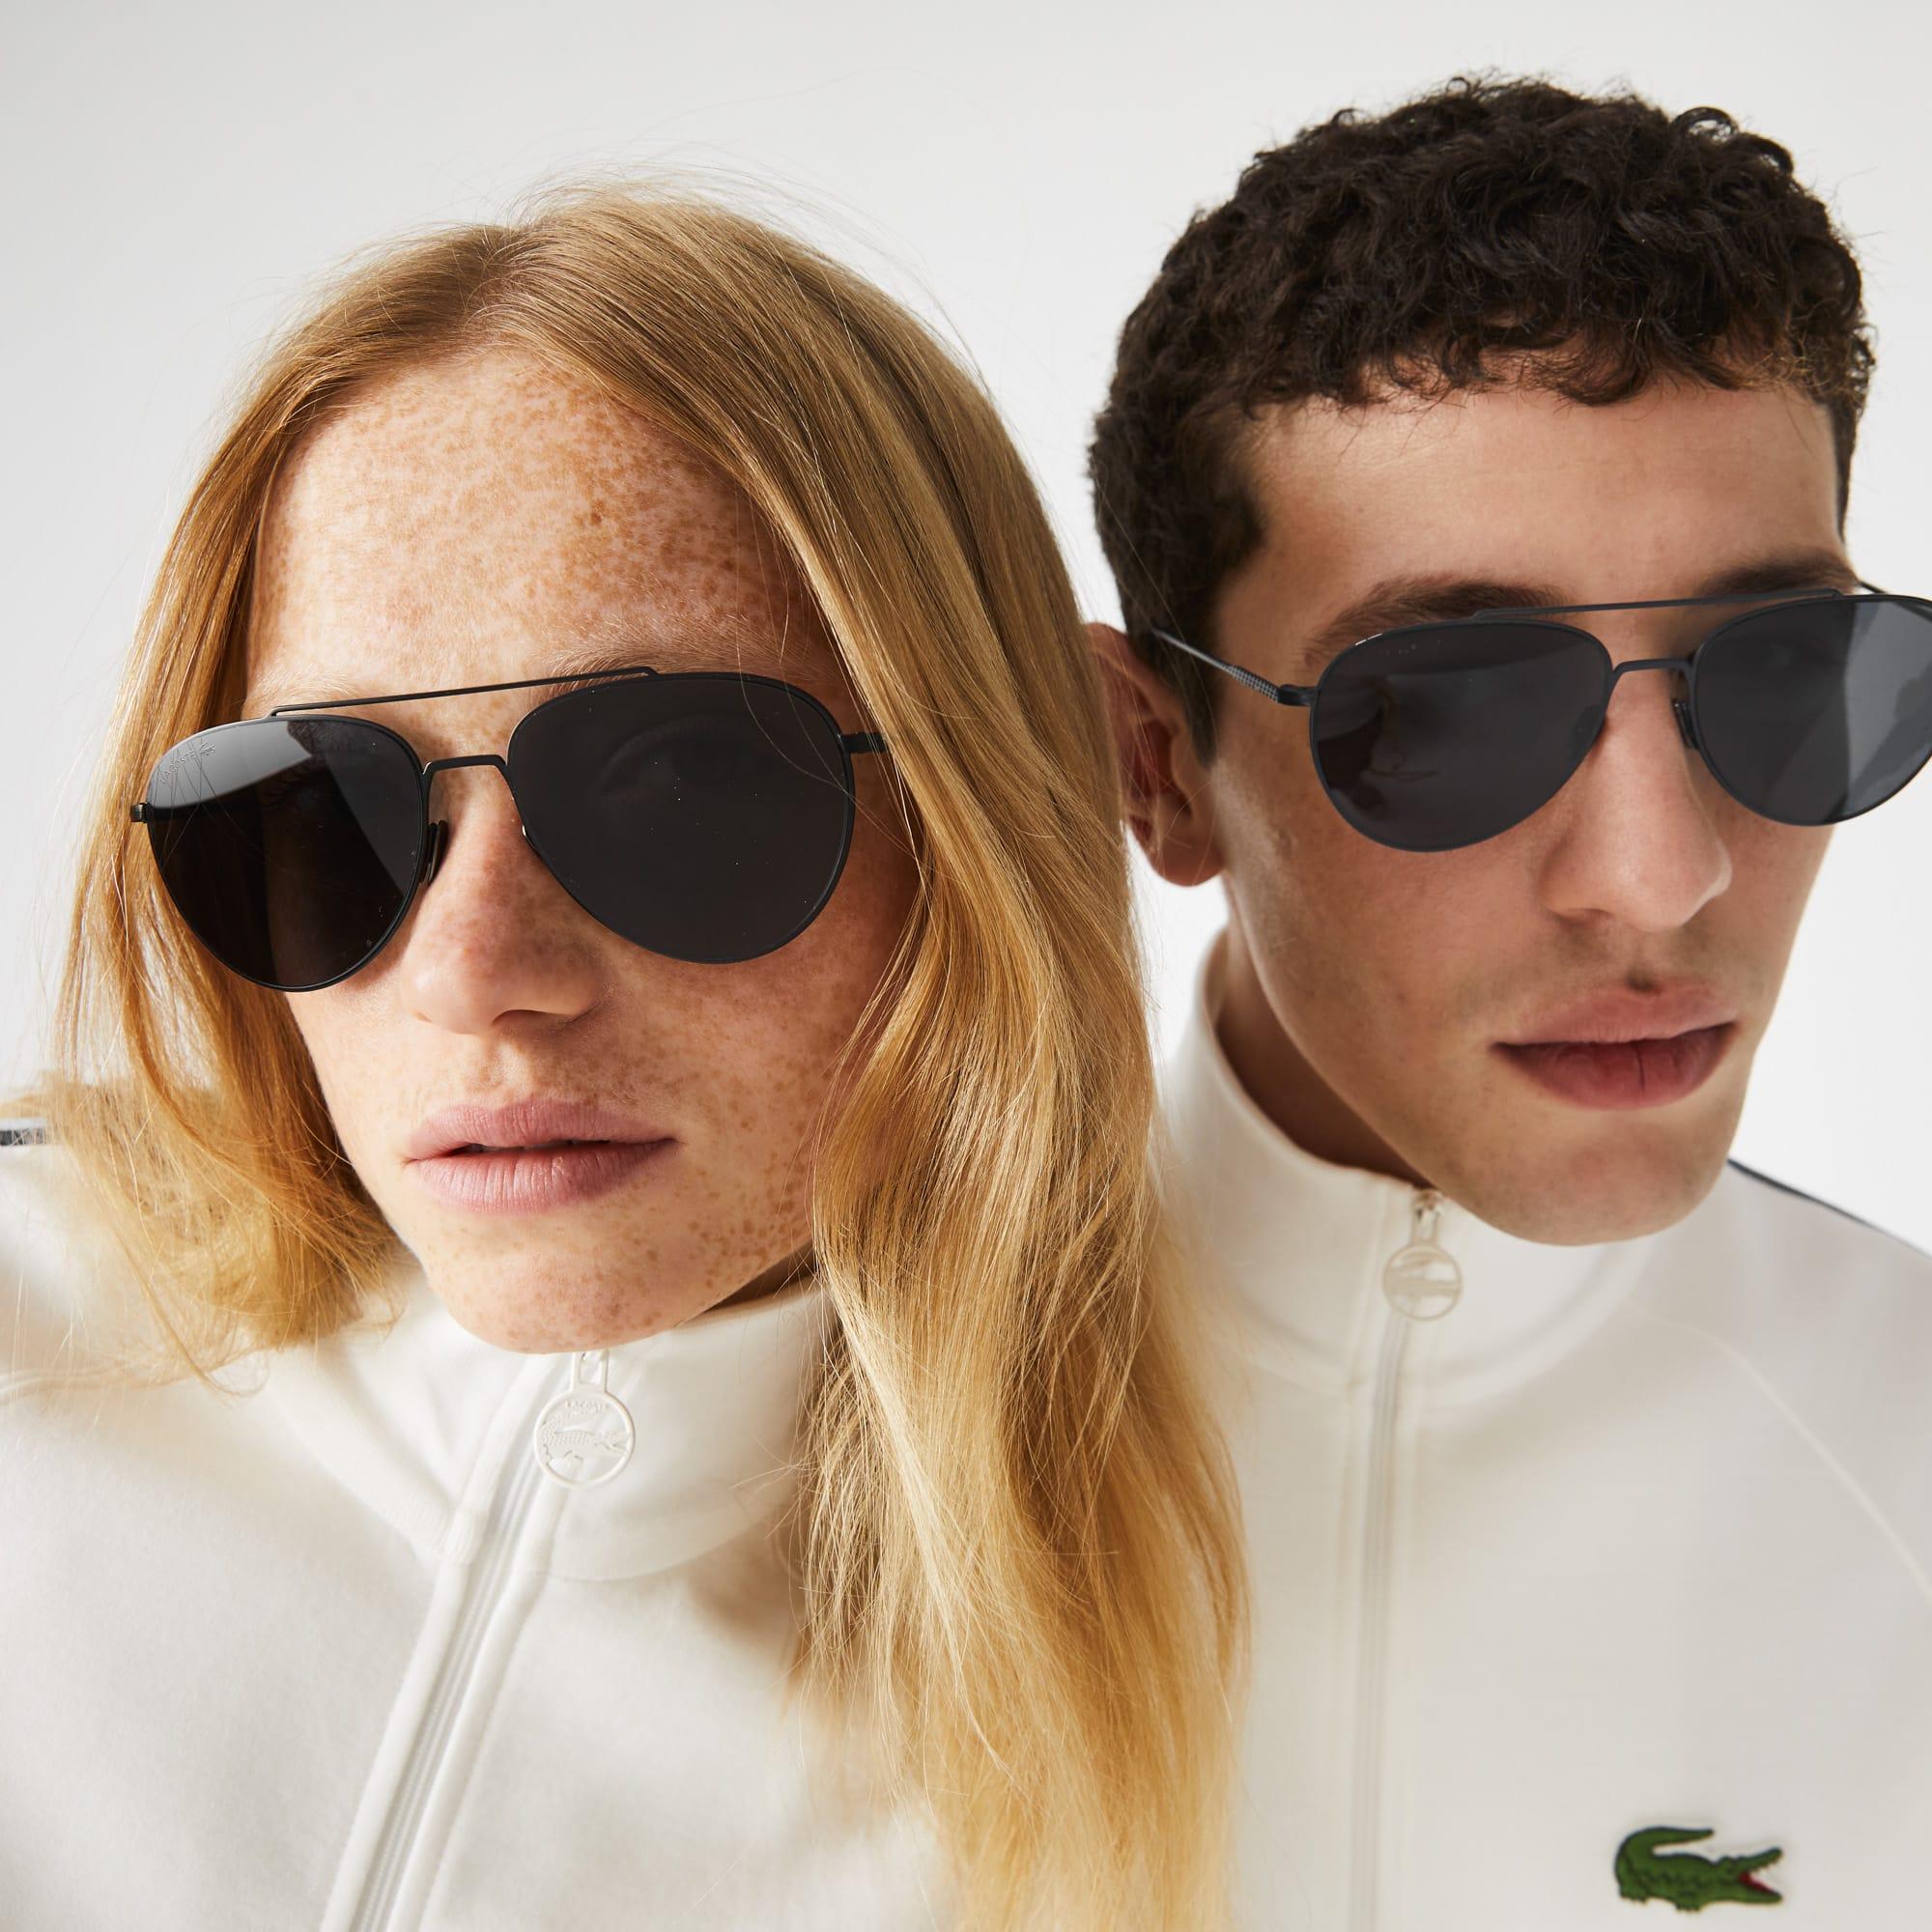 Unisex Petit Piqué Sunglasses with Metal Frames